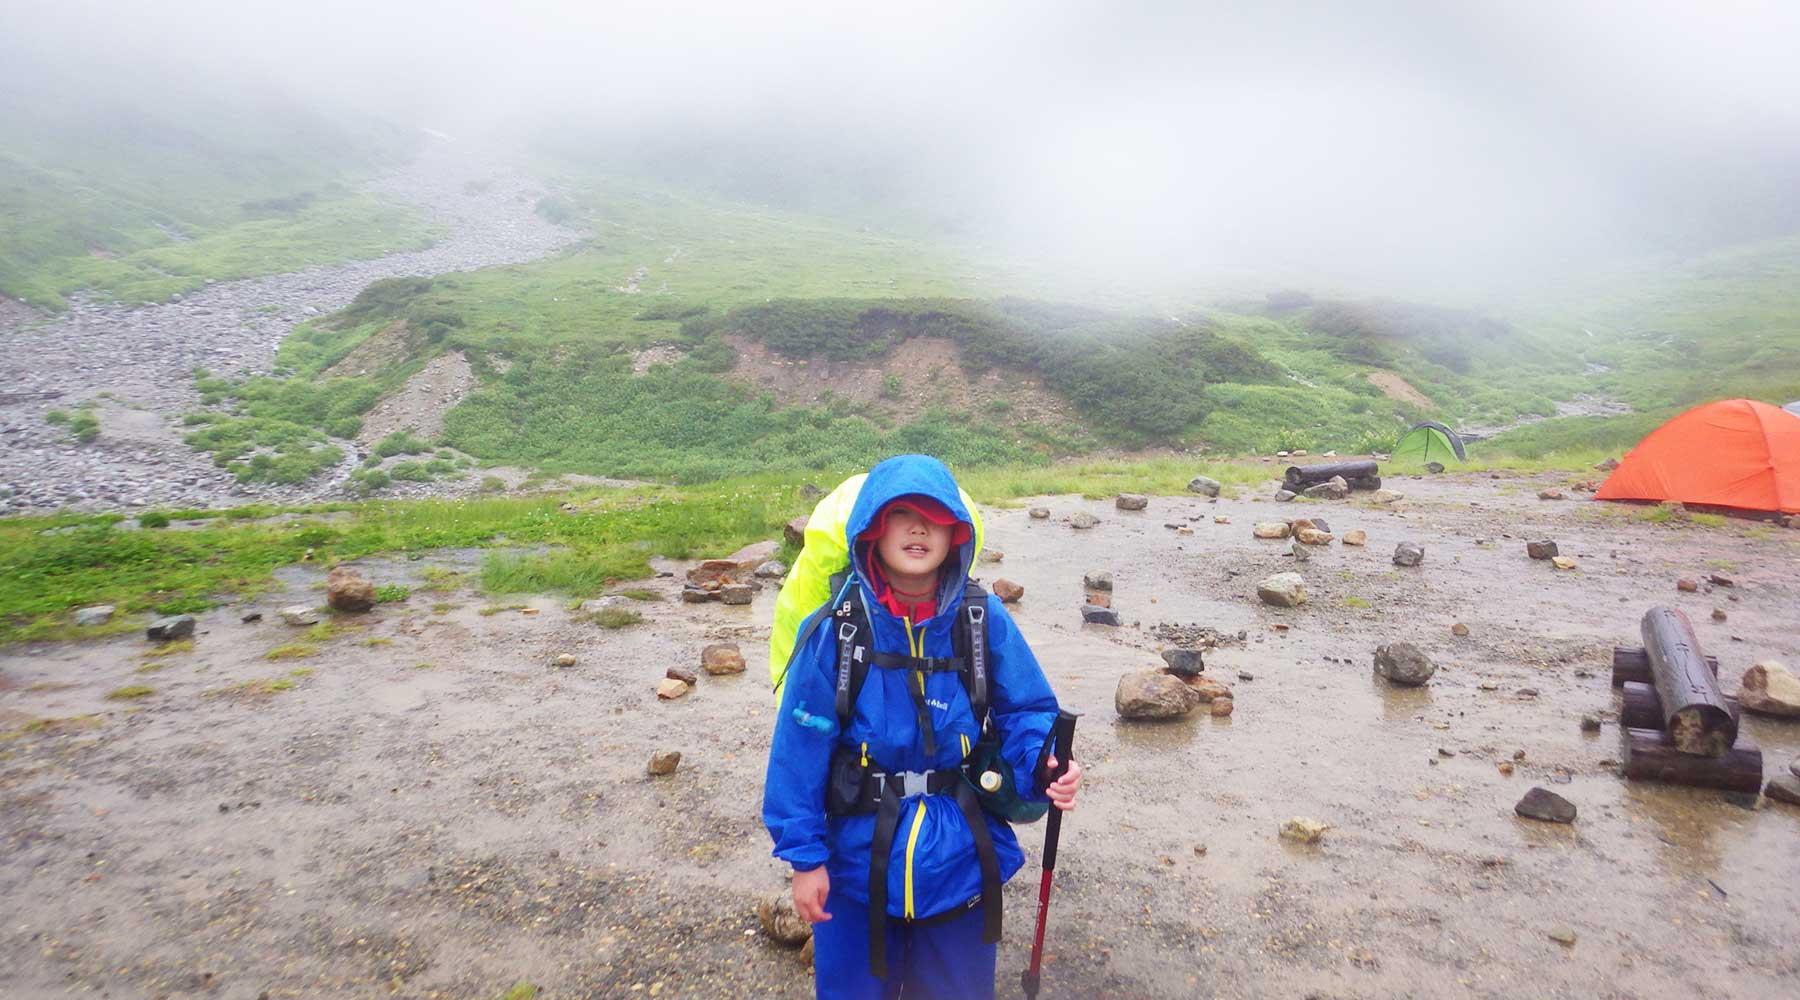 雨の雷鳥沢キャンプ場